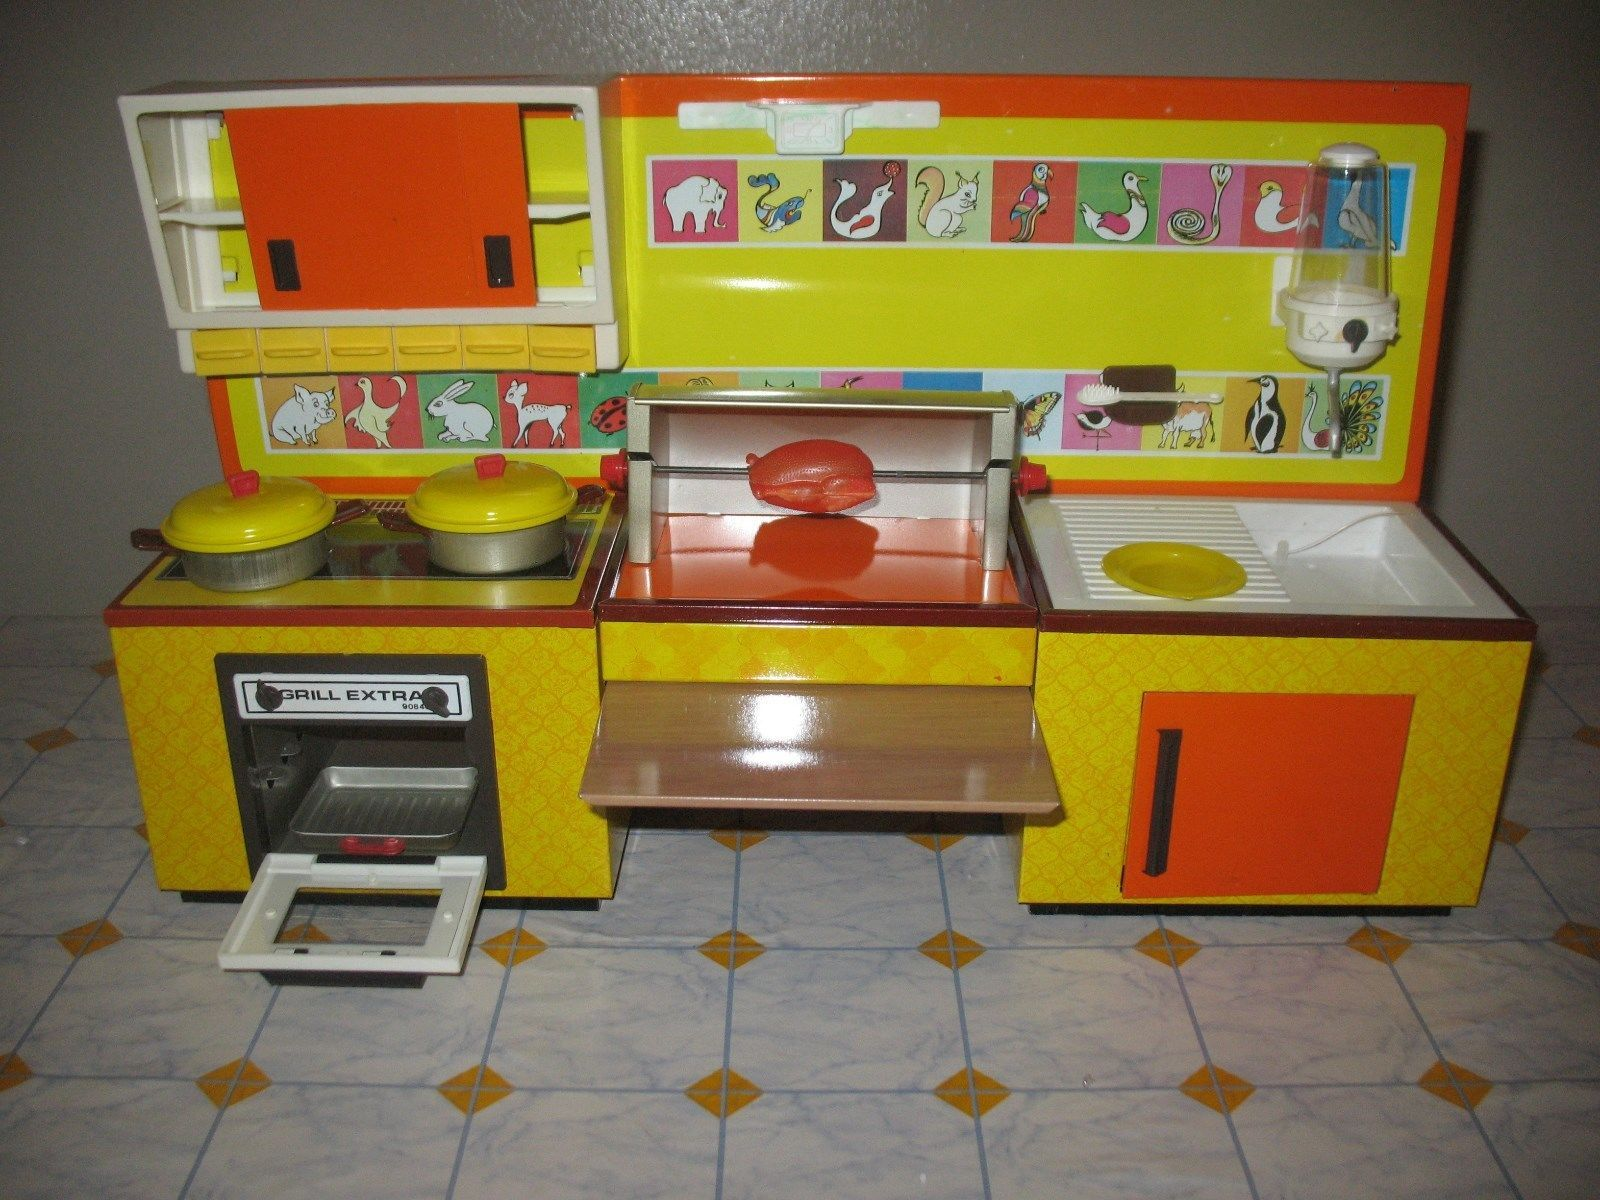 Cucina giocattolo in latta con accessori anni 80 in ottimo